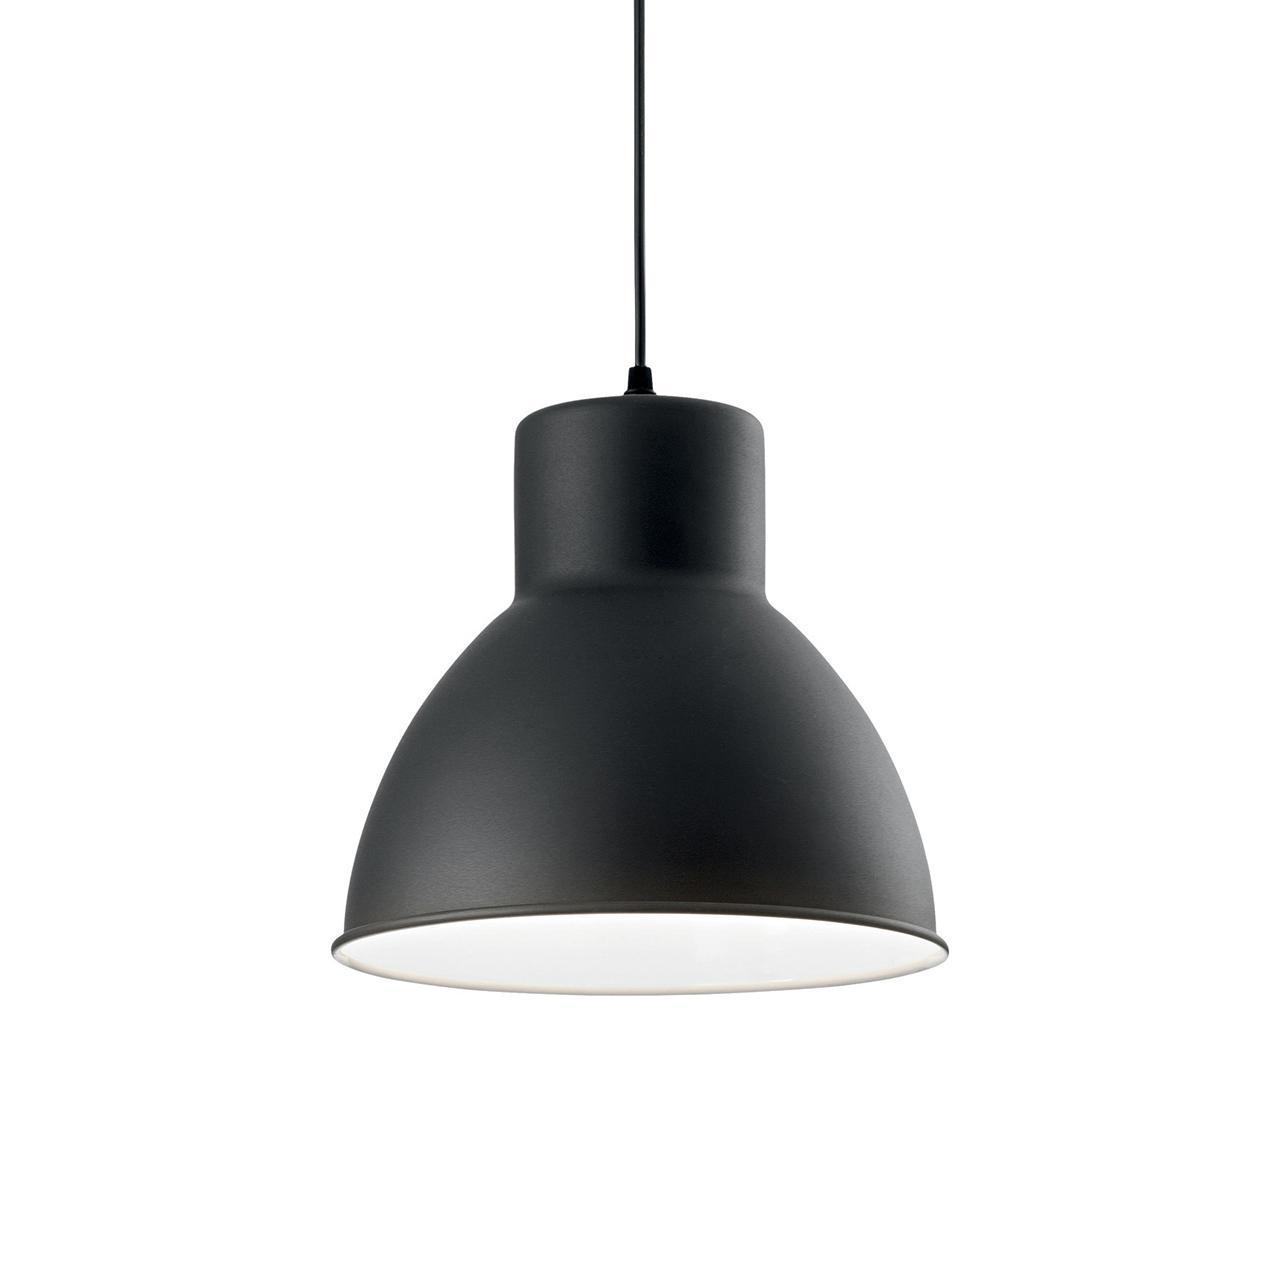 Подвесной светильник Ideal Lux Metro SP1 светильник подвесной ideal lux metro metro sp1 bianco